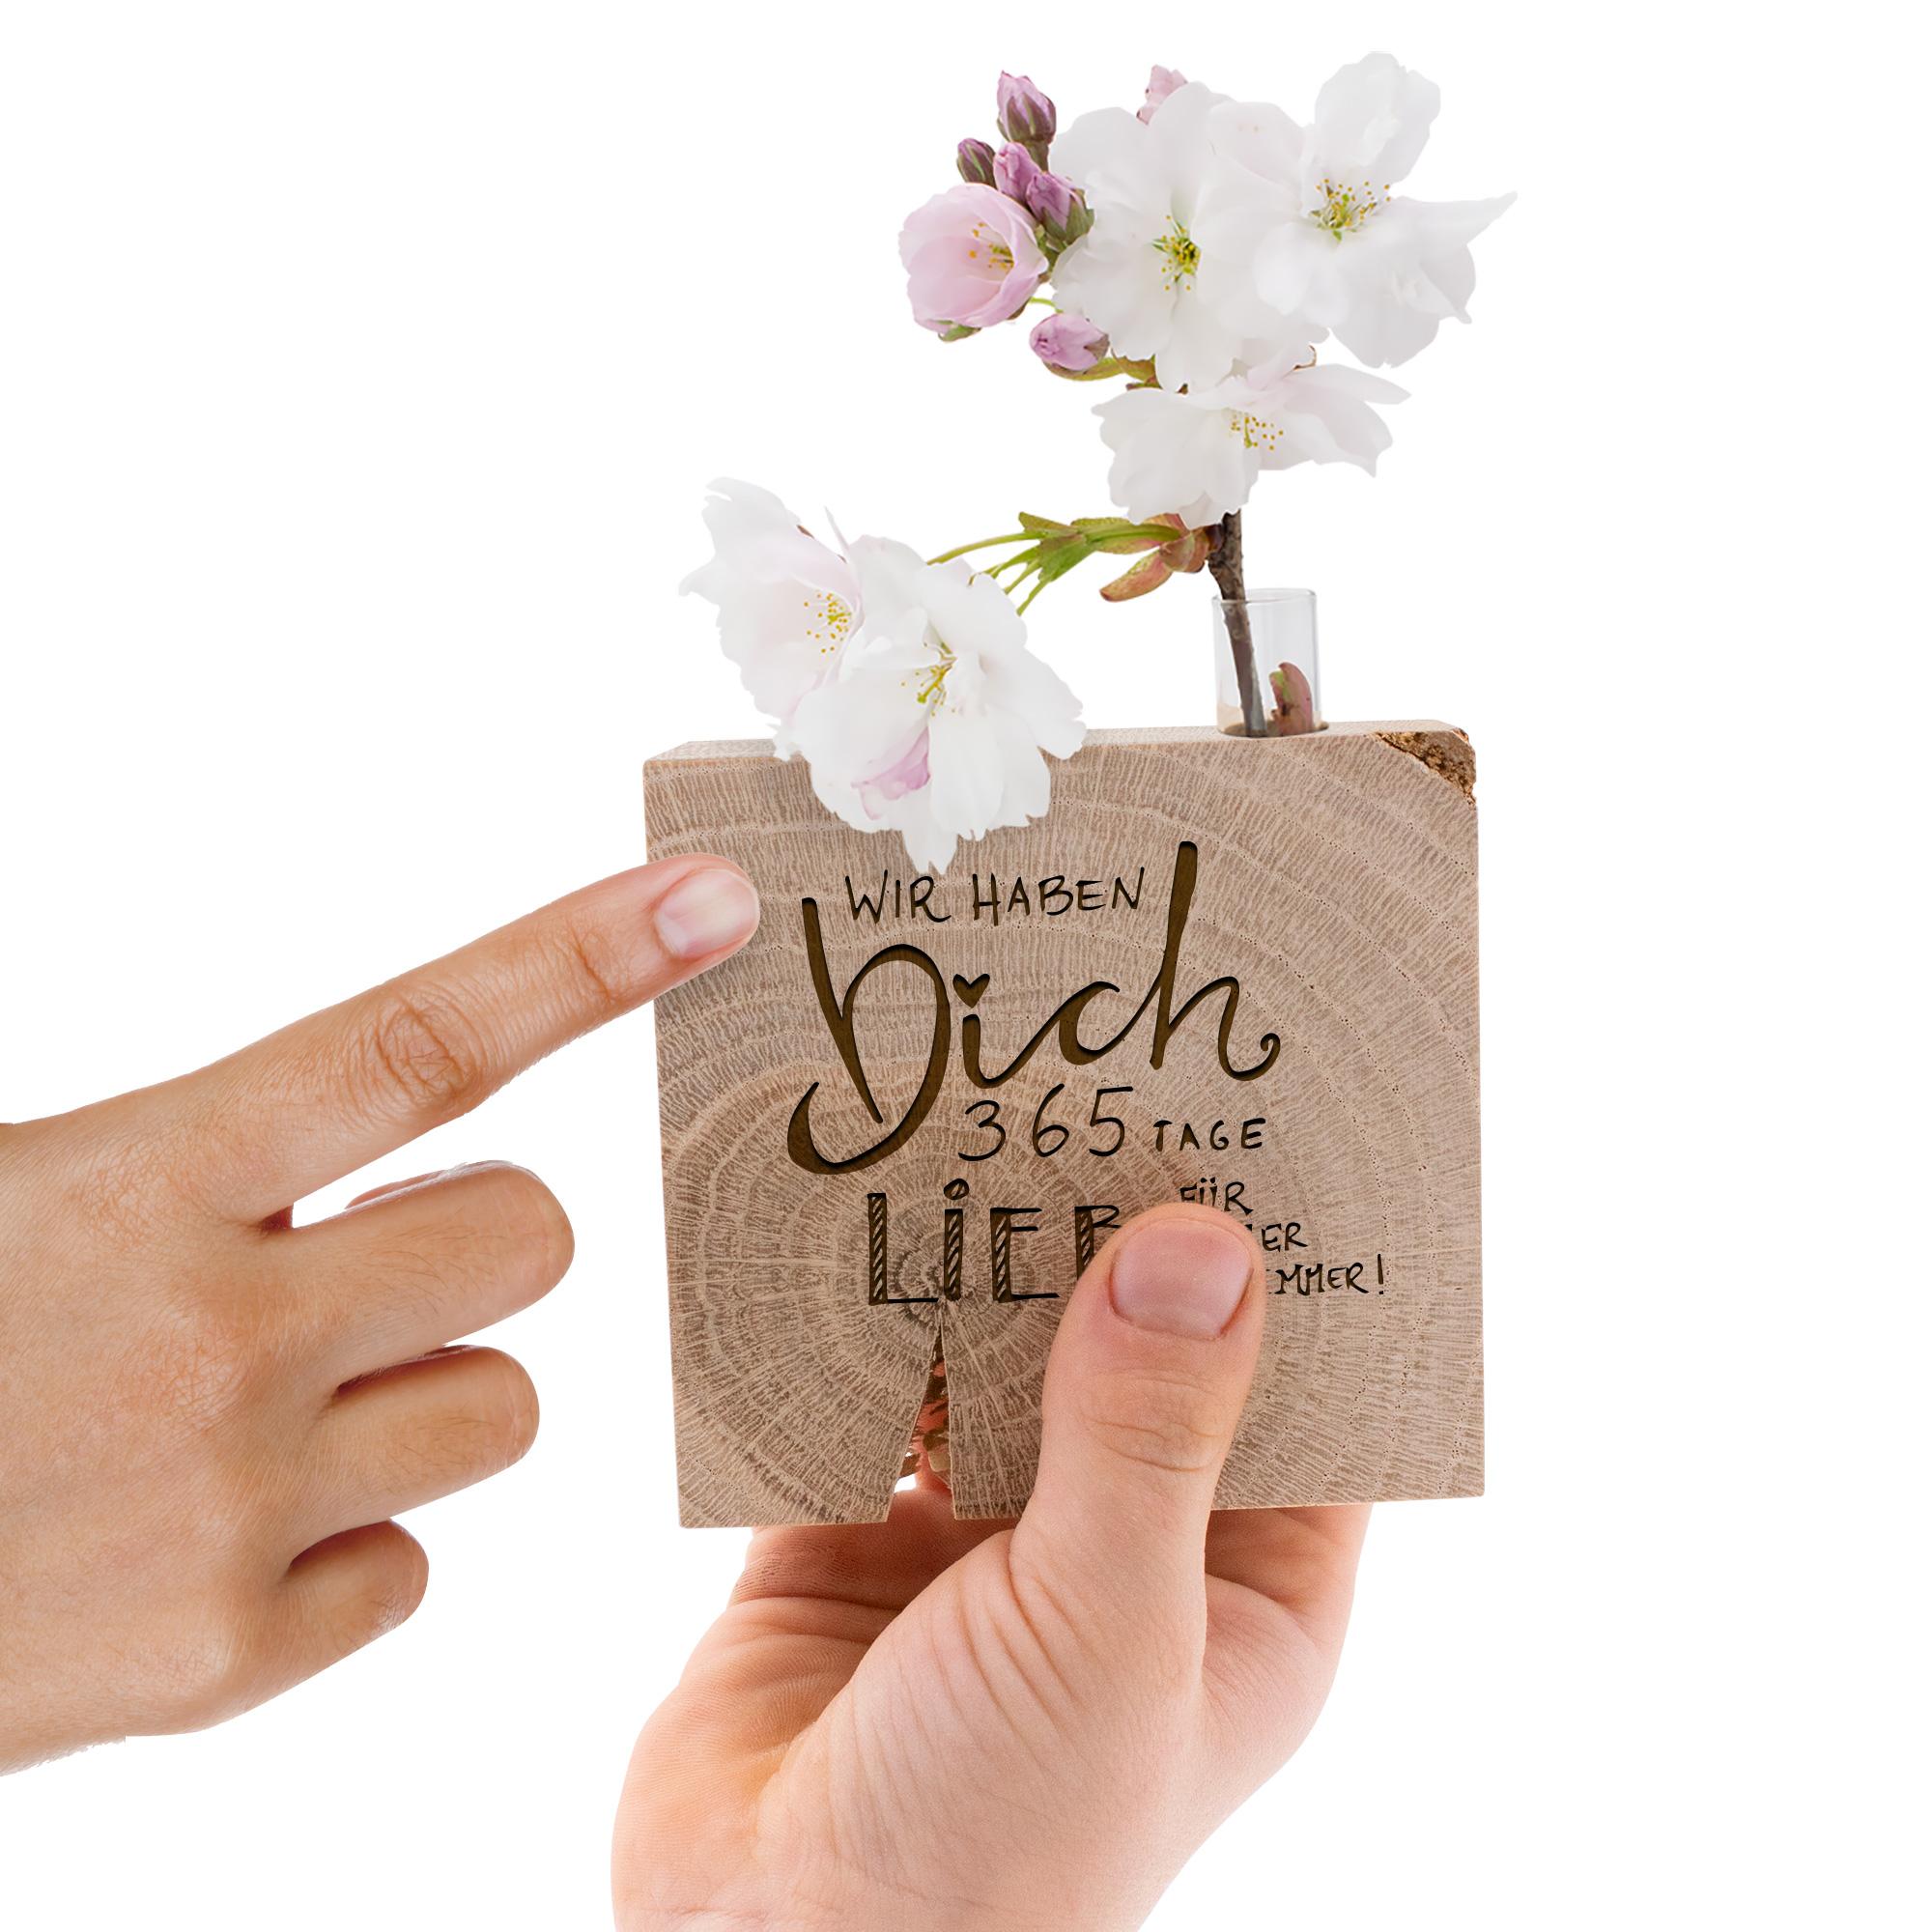 """Süße Holzdeko mit kleiner Vase und Gravur """"Wir haben dich lieb"""" als Geschenk für Mama, Papa, Oma und Opa"""